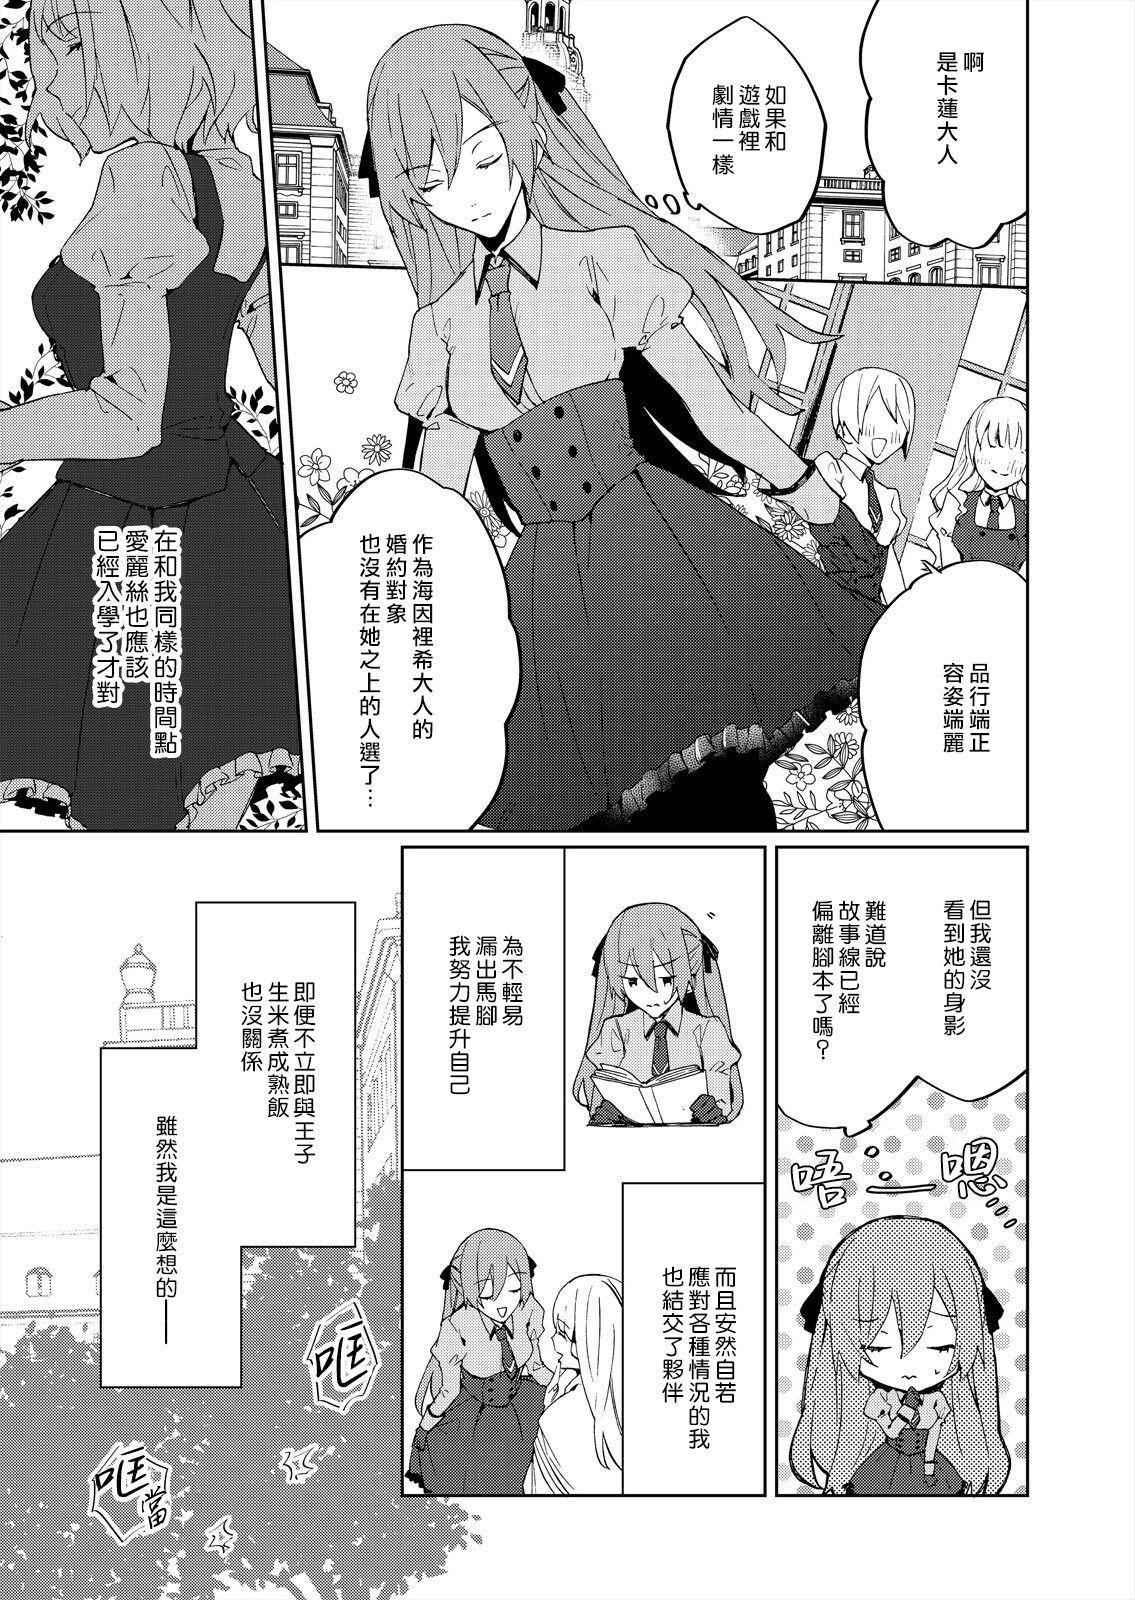 [Yuzushiwo] Akuyaku Reijou wa Ichizu ni Dekiai sarete ~Noumitsu Sex no Aite wa Juuboku~ | 被疯狂溺爱的反派大小姐~浓密性爱对象是仆从~ 1-4 [Chinese] [莉赛特汉化组] 12